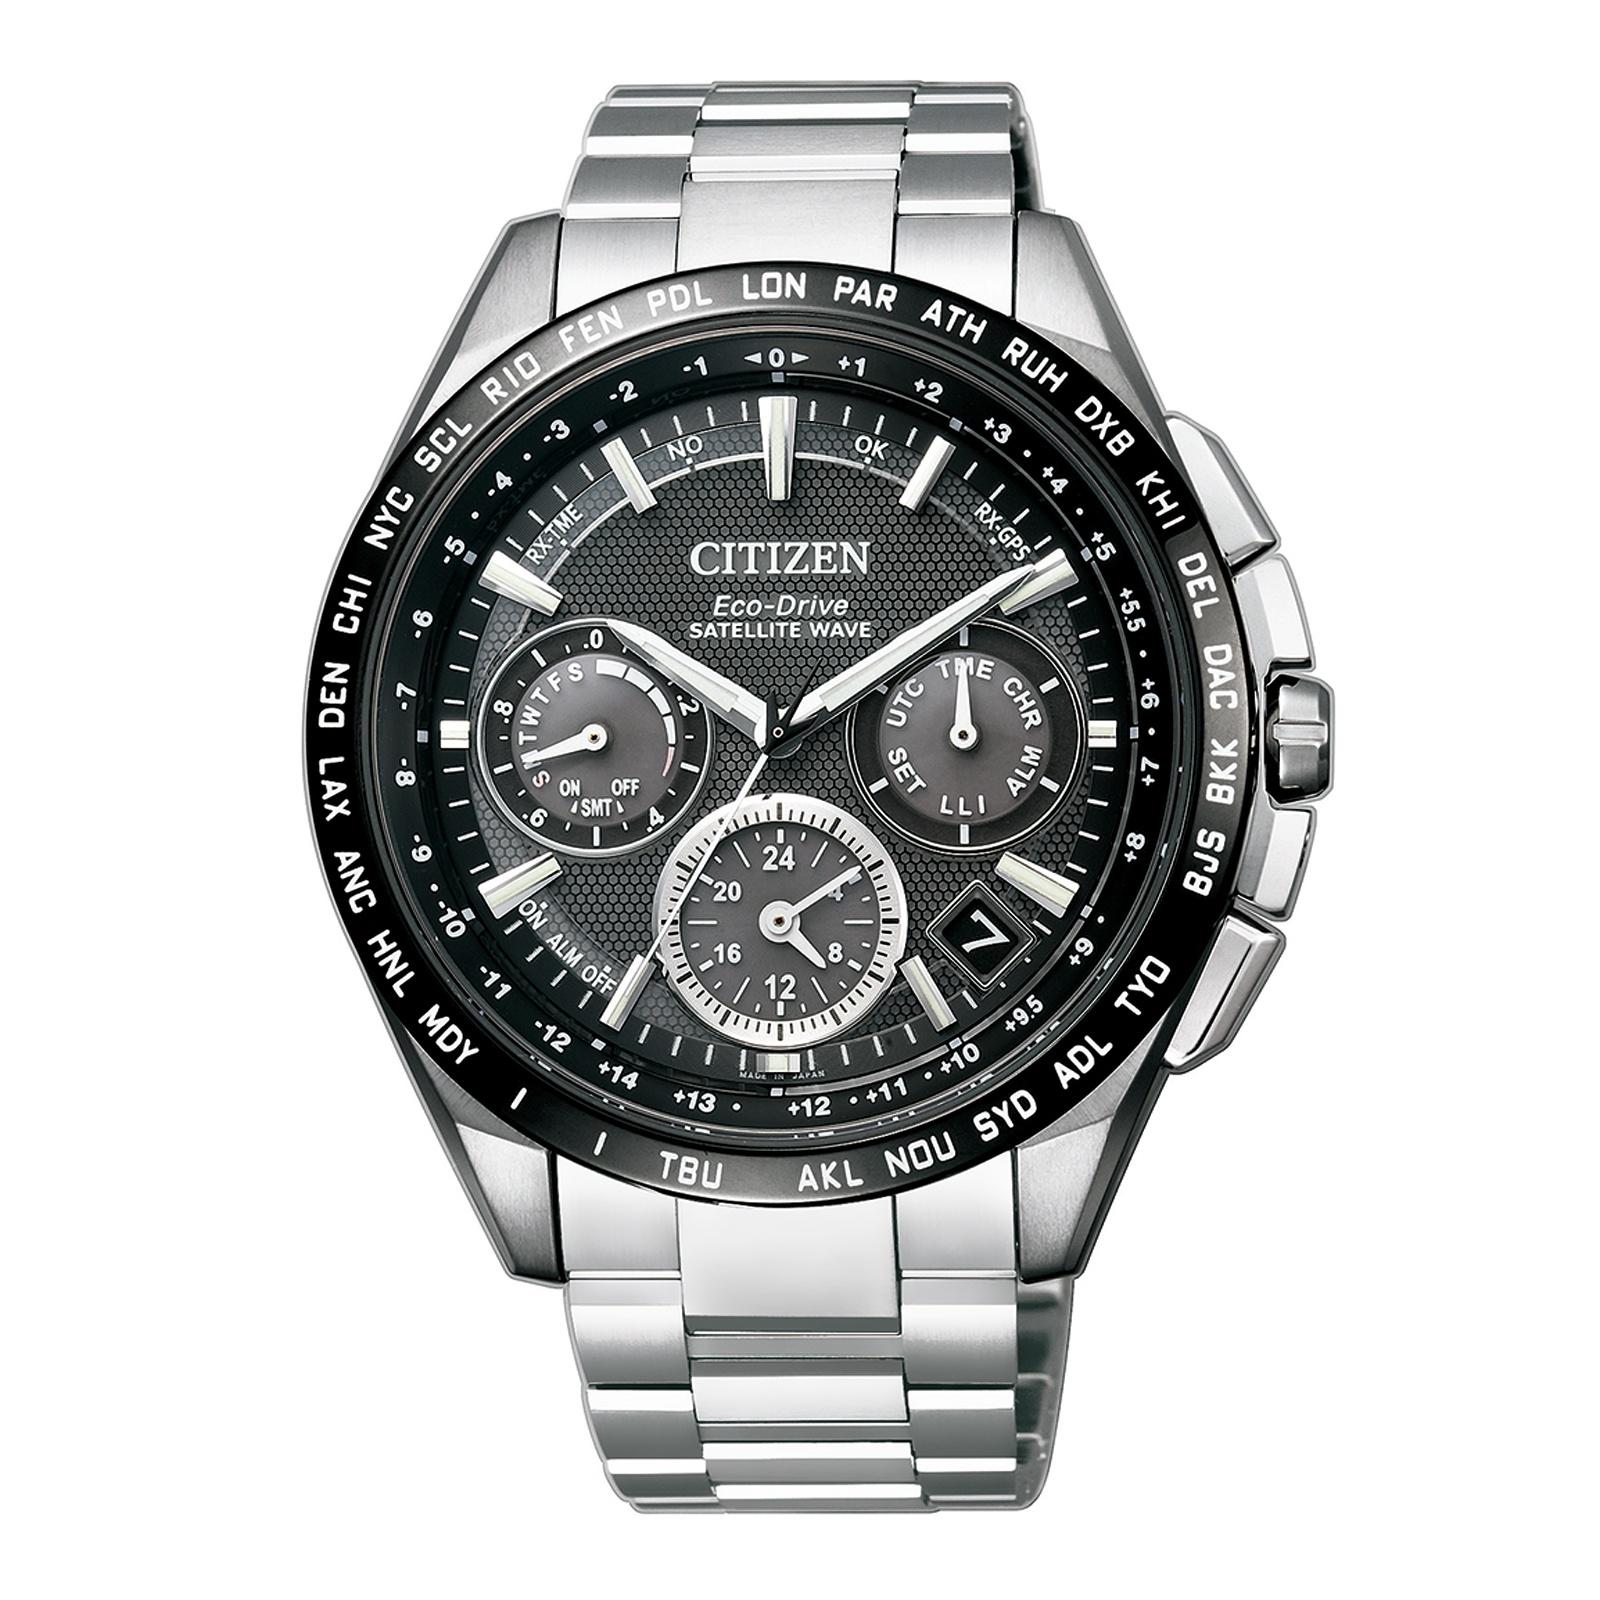 Citizen Super Titan Satellite Wave-GPS CC9015-54E